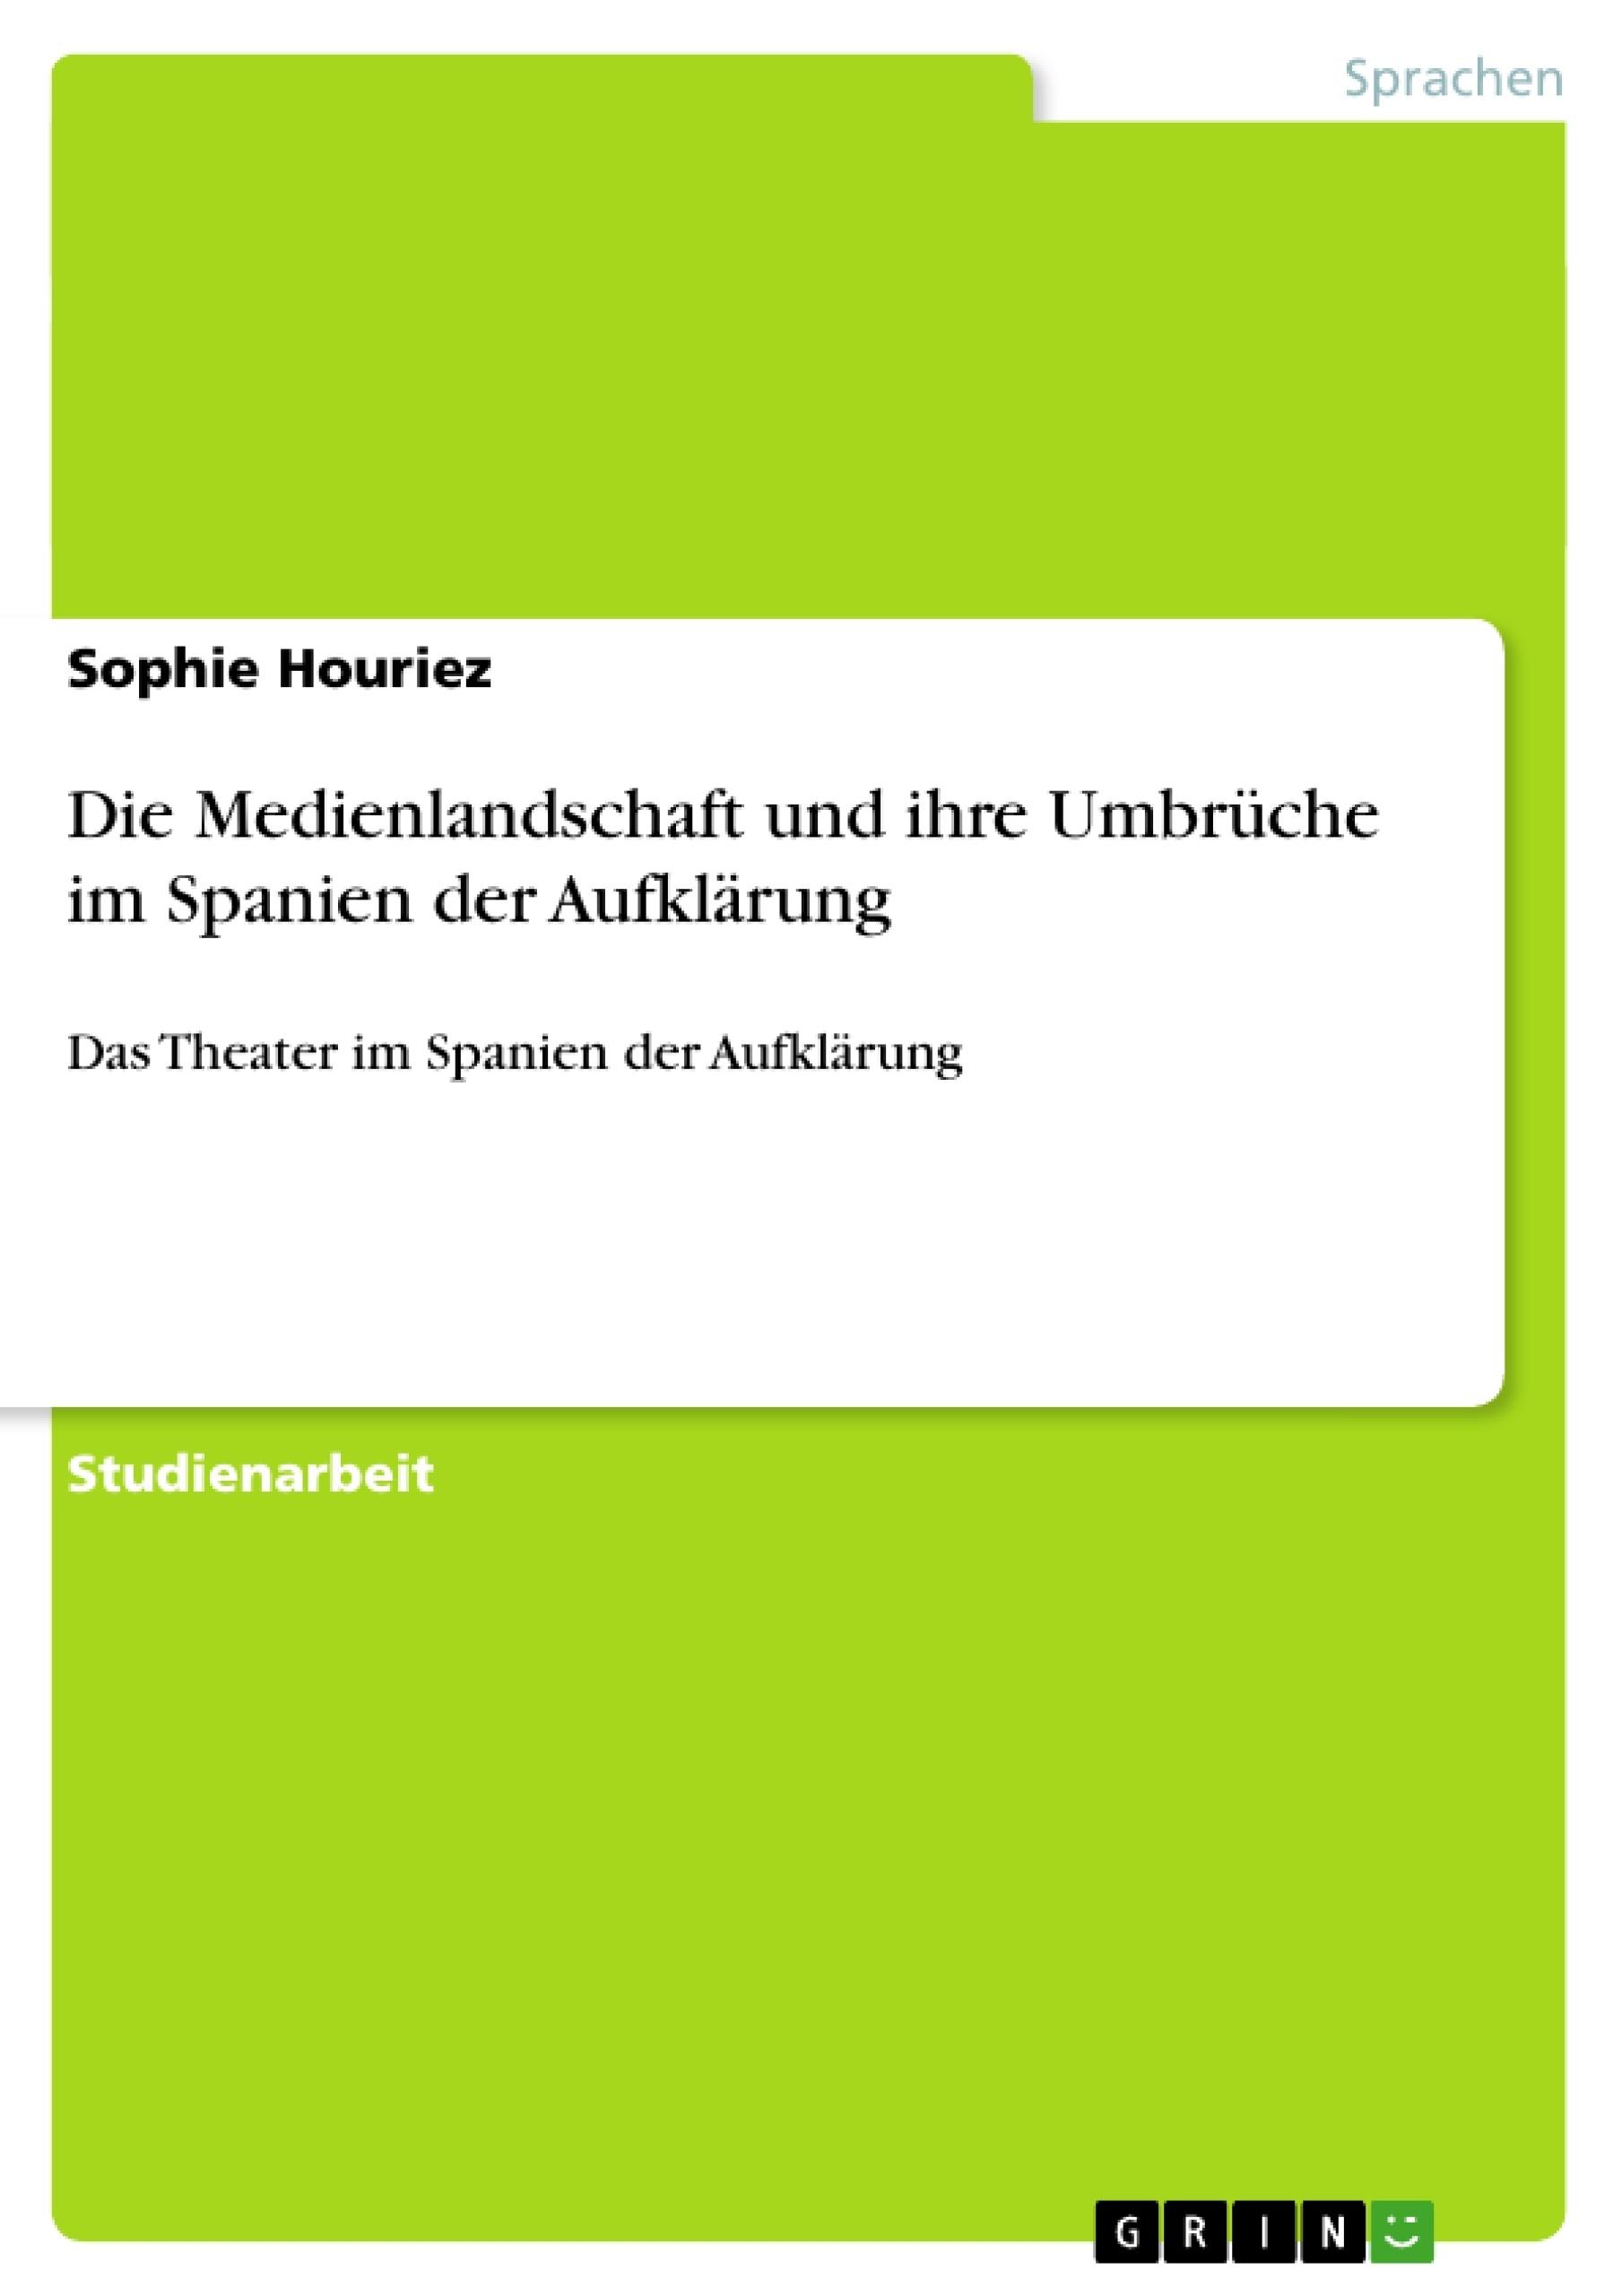 Titel: Die Medienlandschaft und ihre Umbrüche im Spanien der Aufklärung